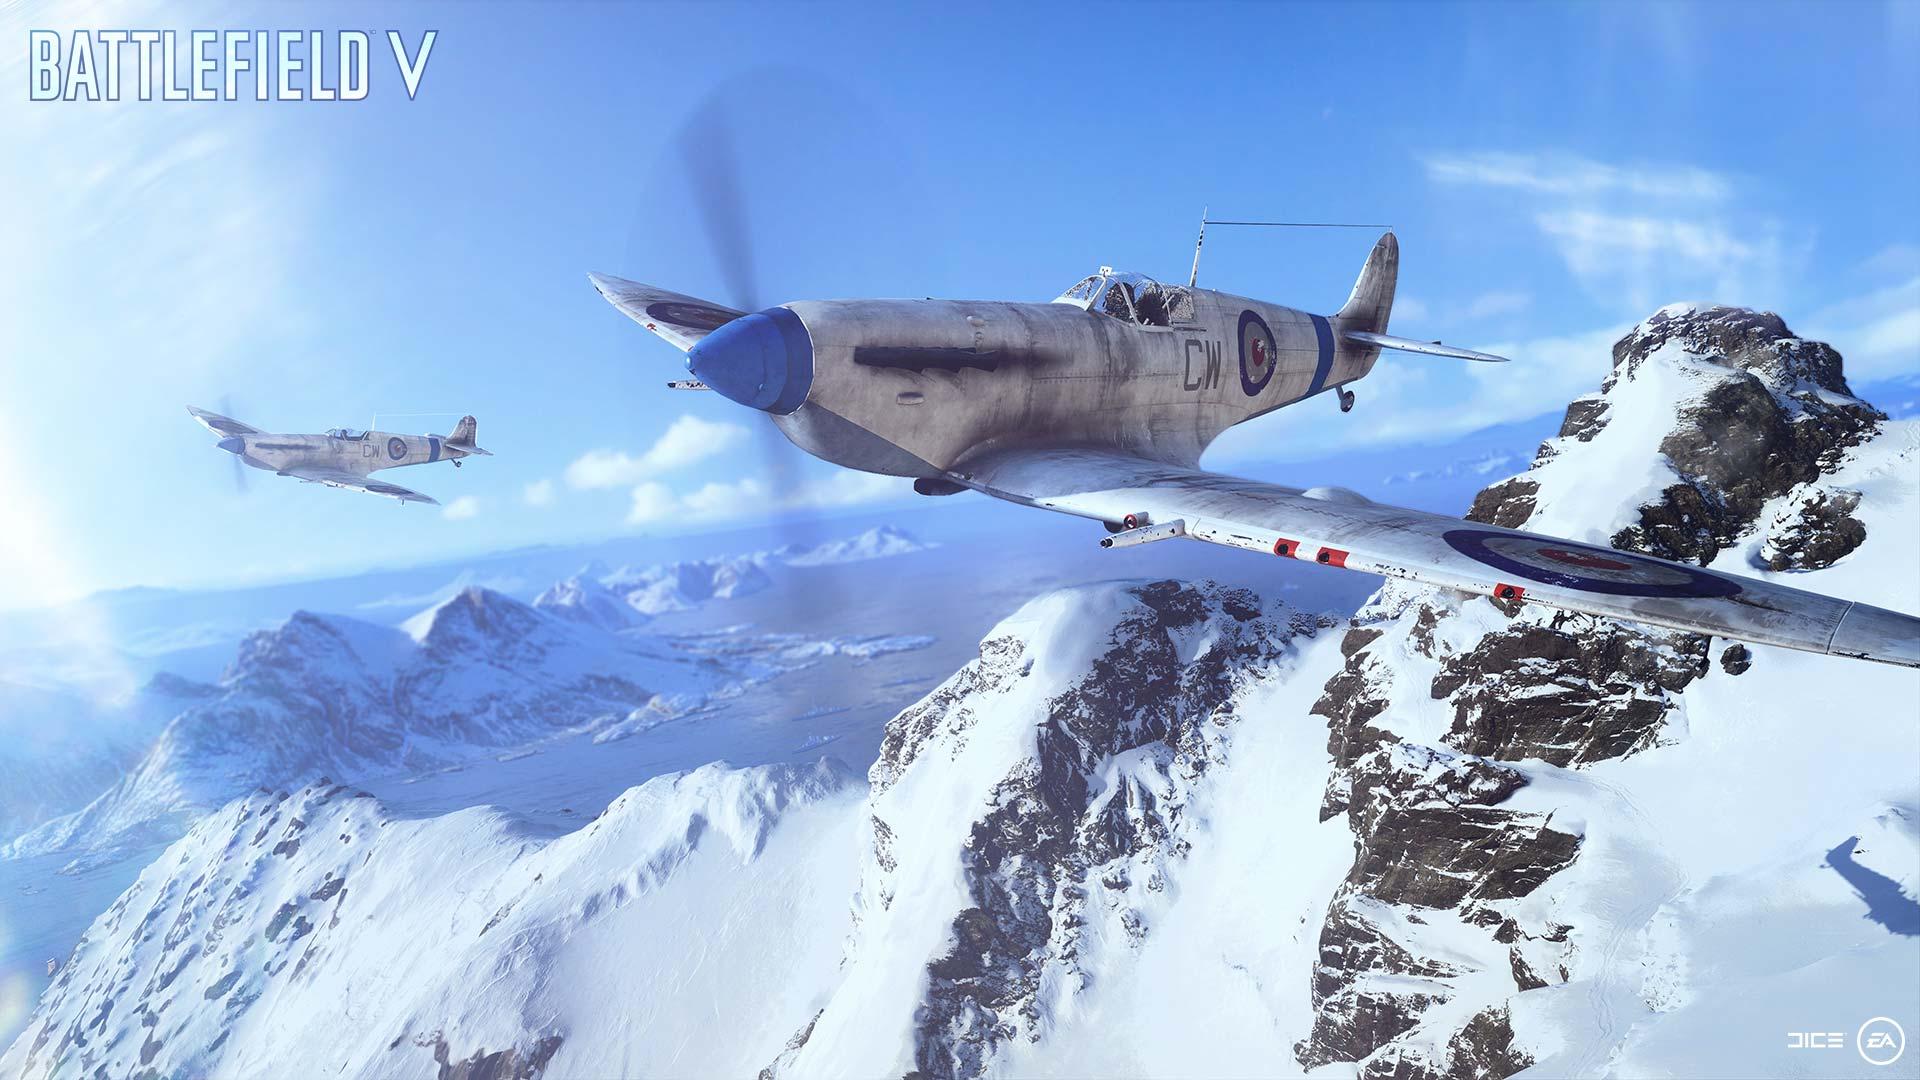 Battlefield 5 plane